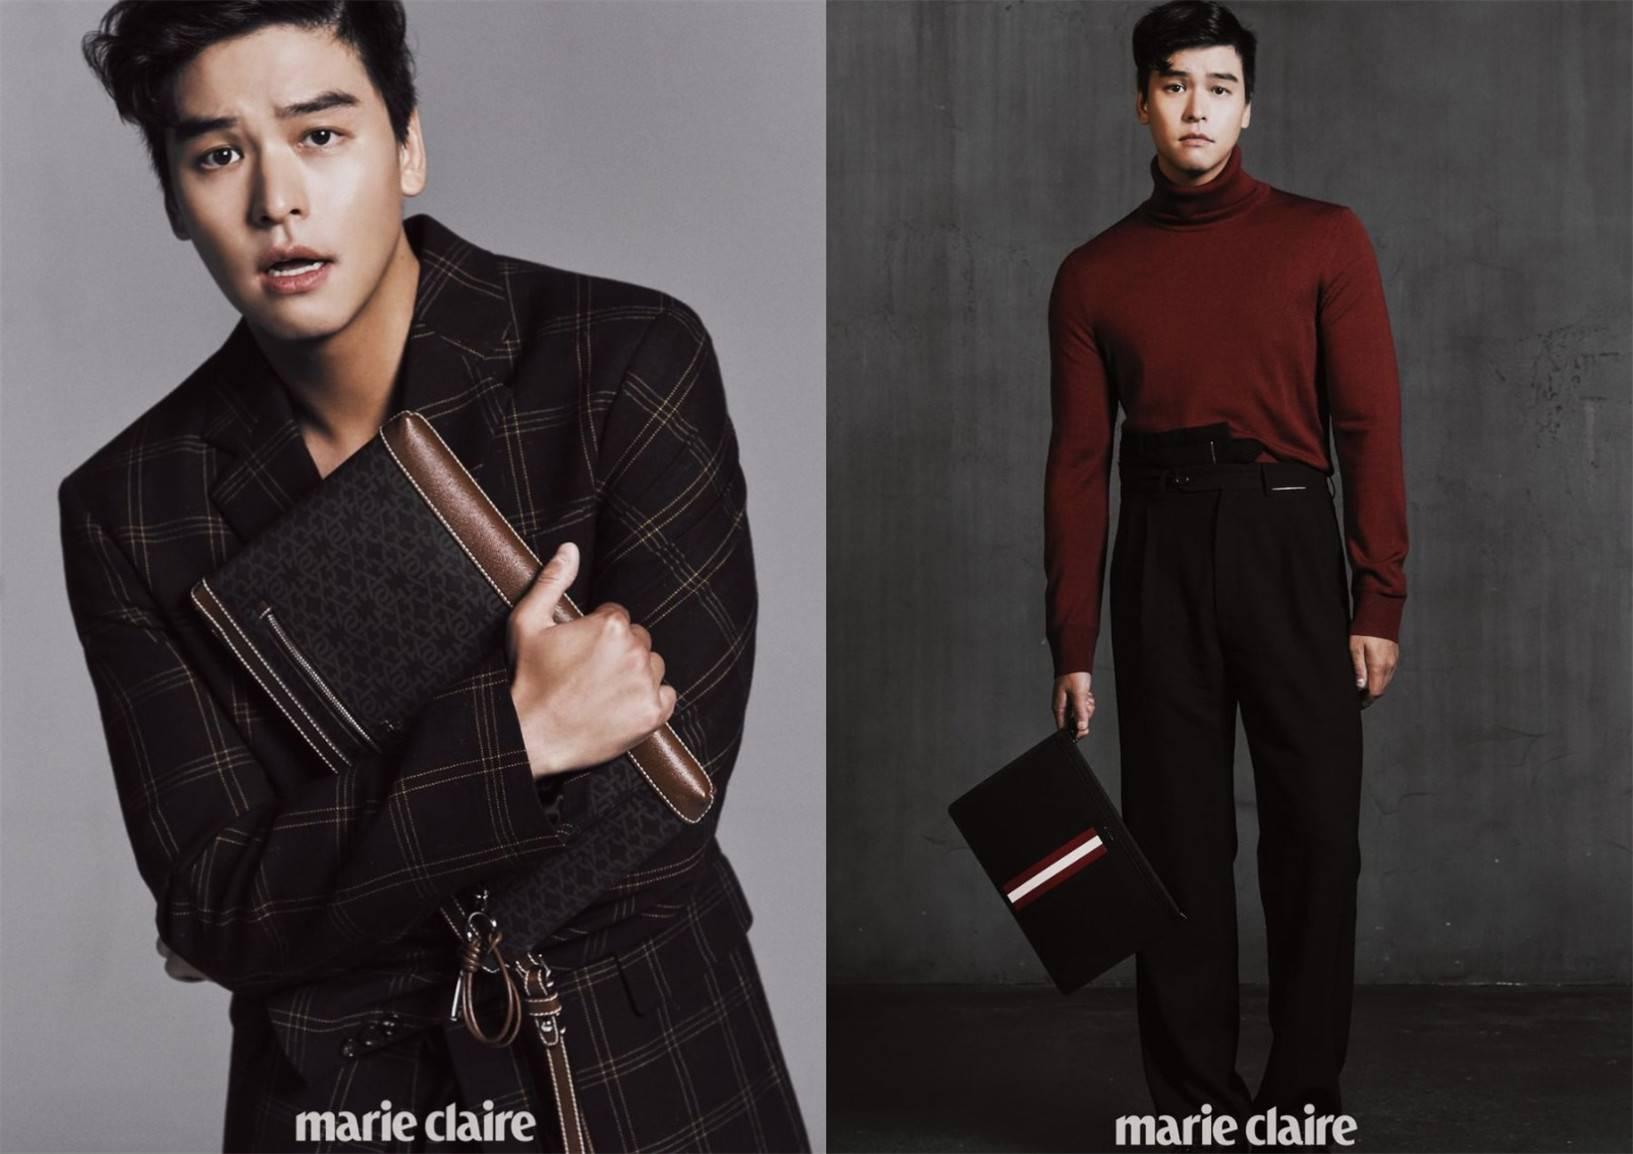 Lee Jang Woo khoe vẻ điển trai và phong cách thời trang cực chất trong bộ ảnh mới